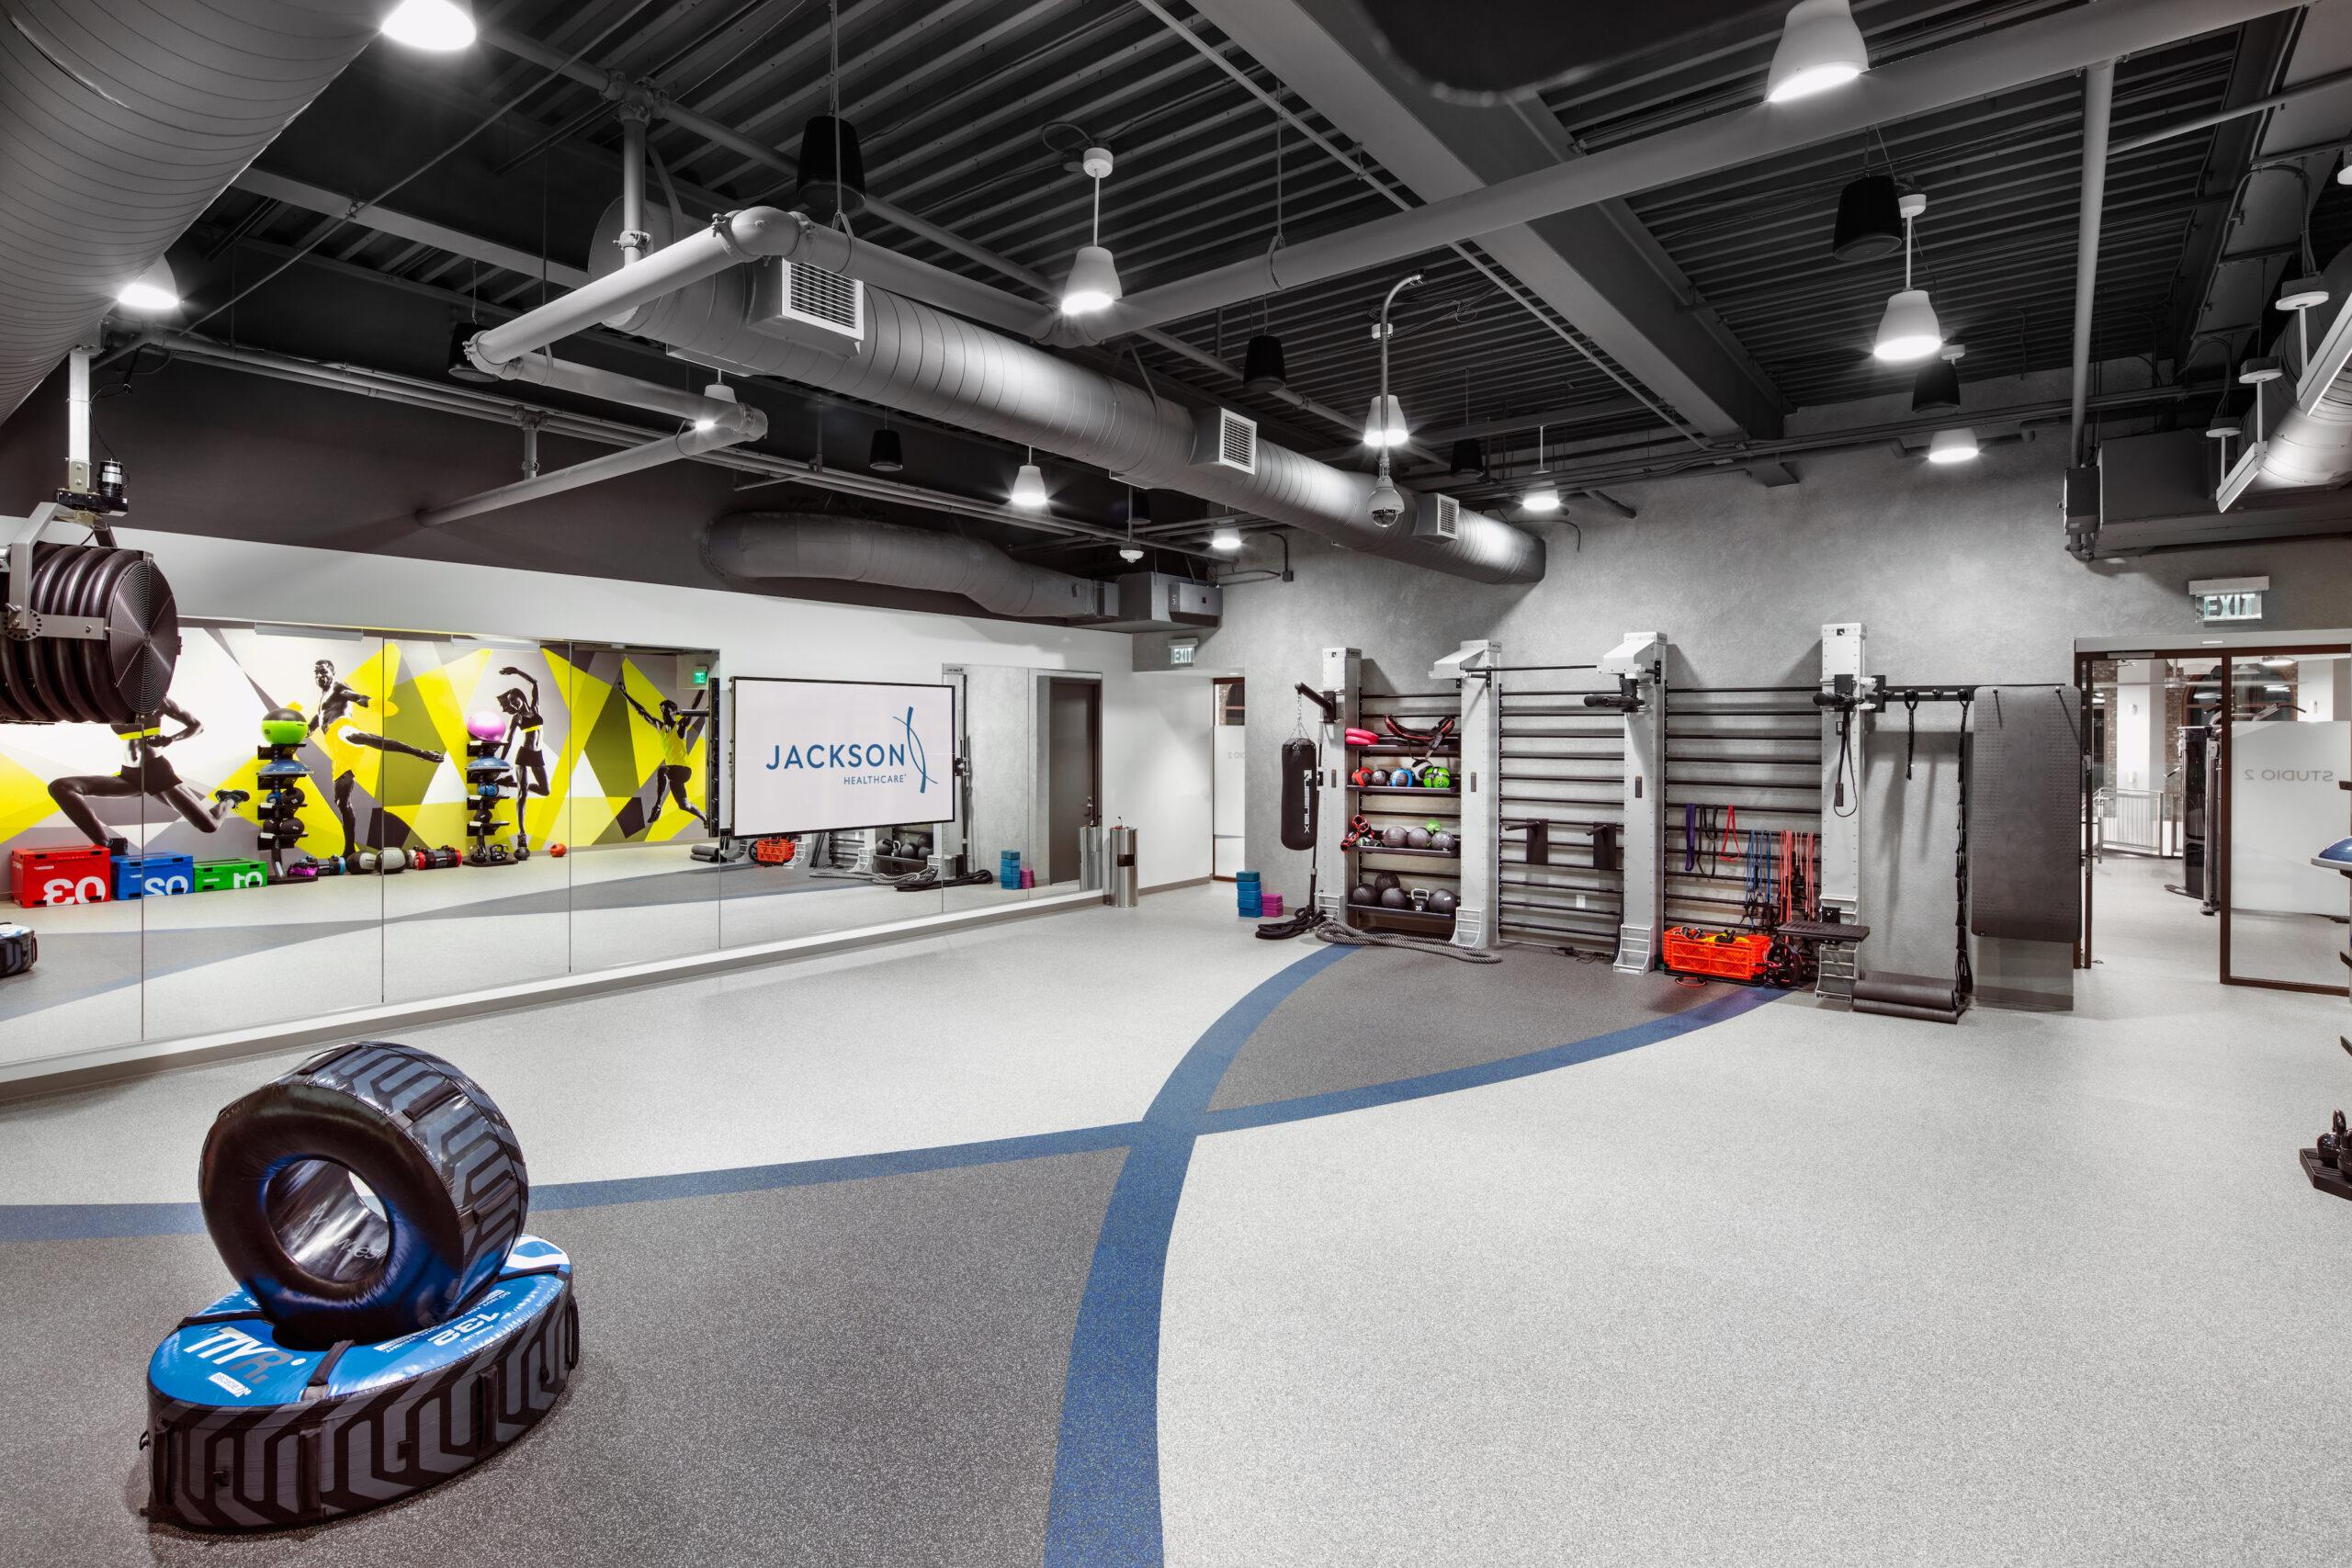 empty fitness studio